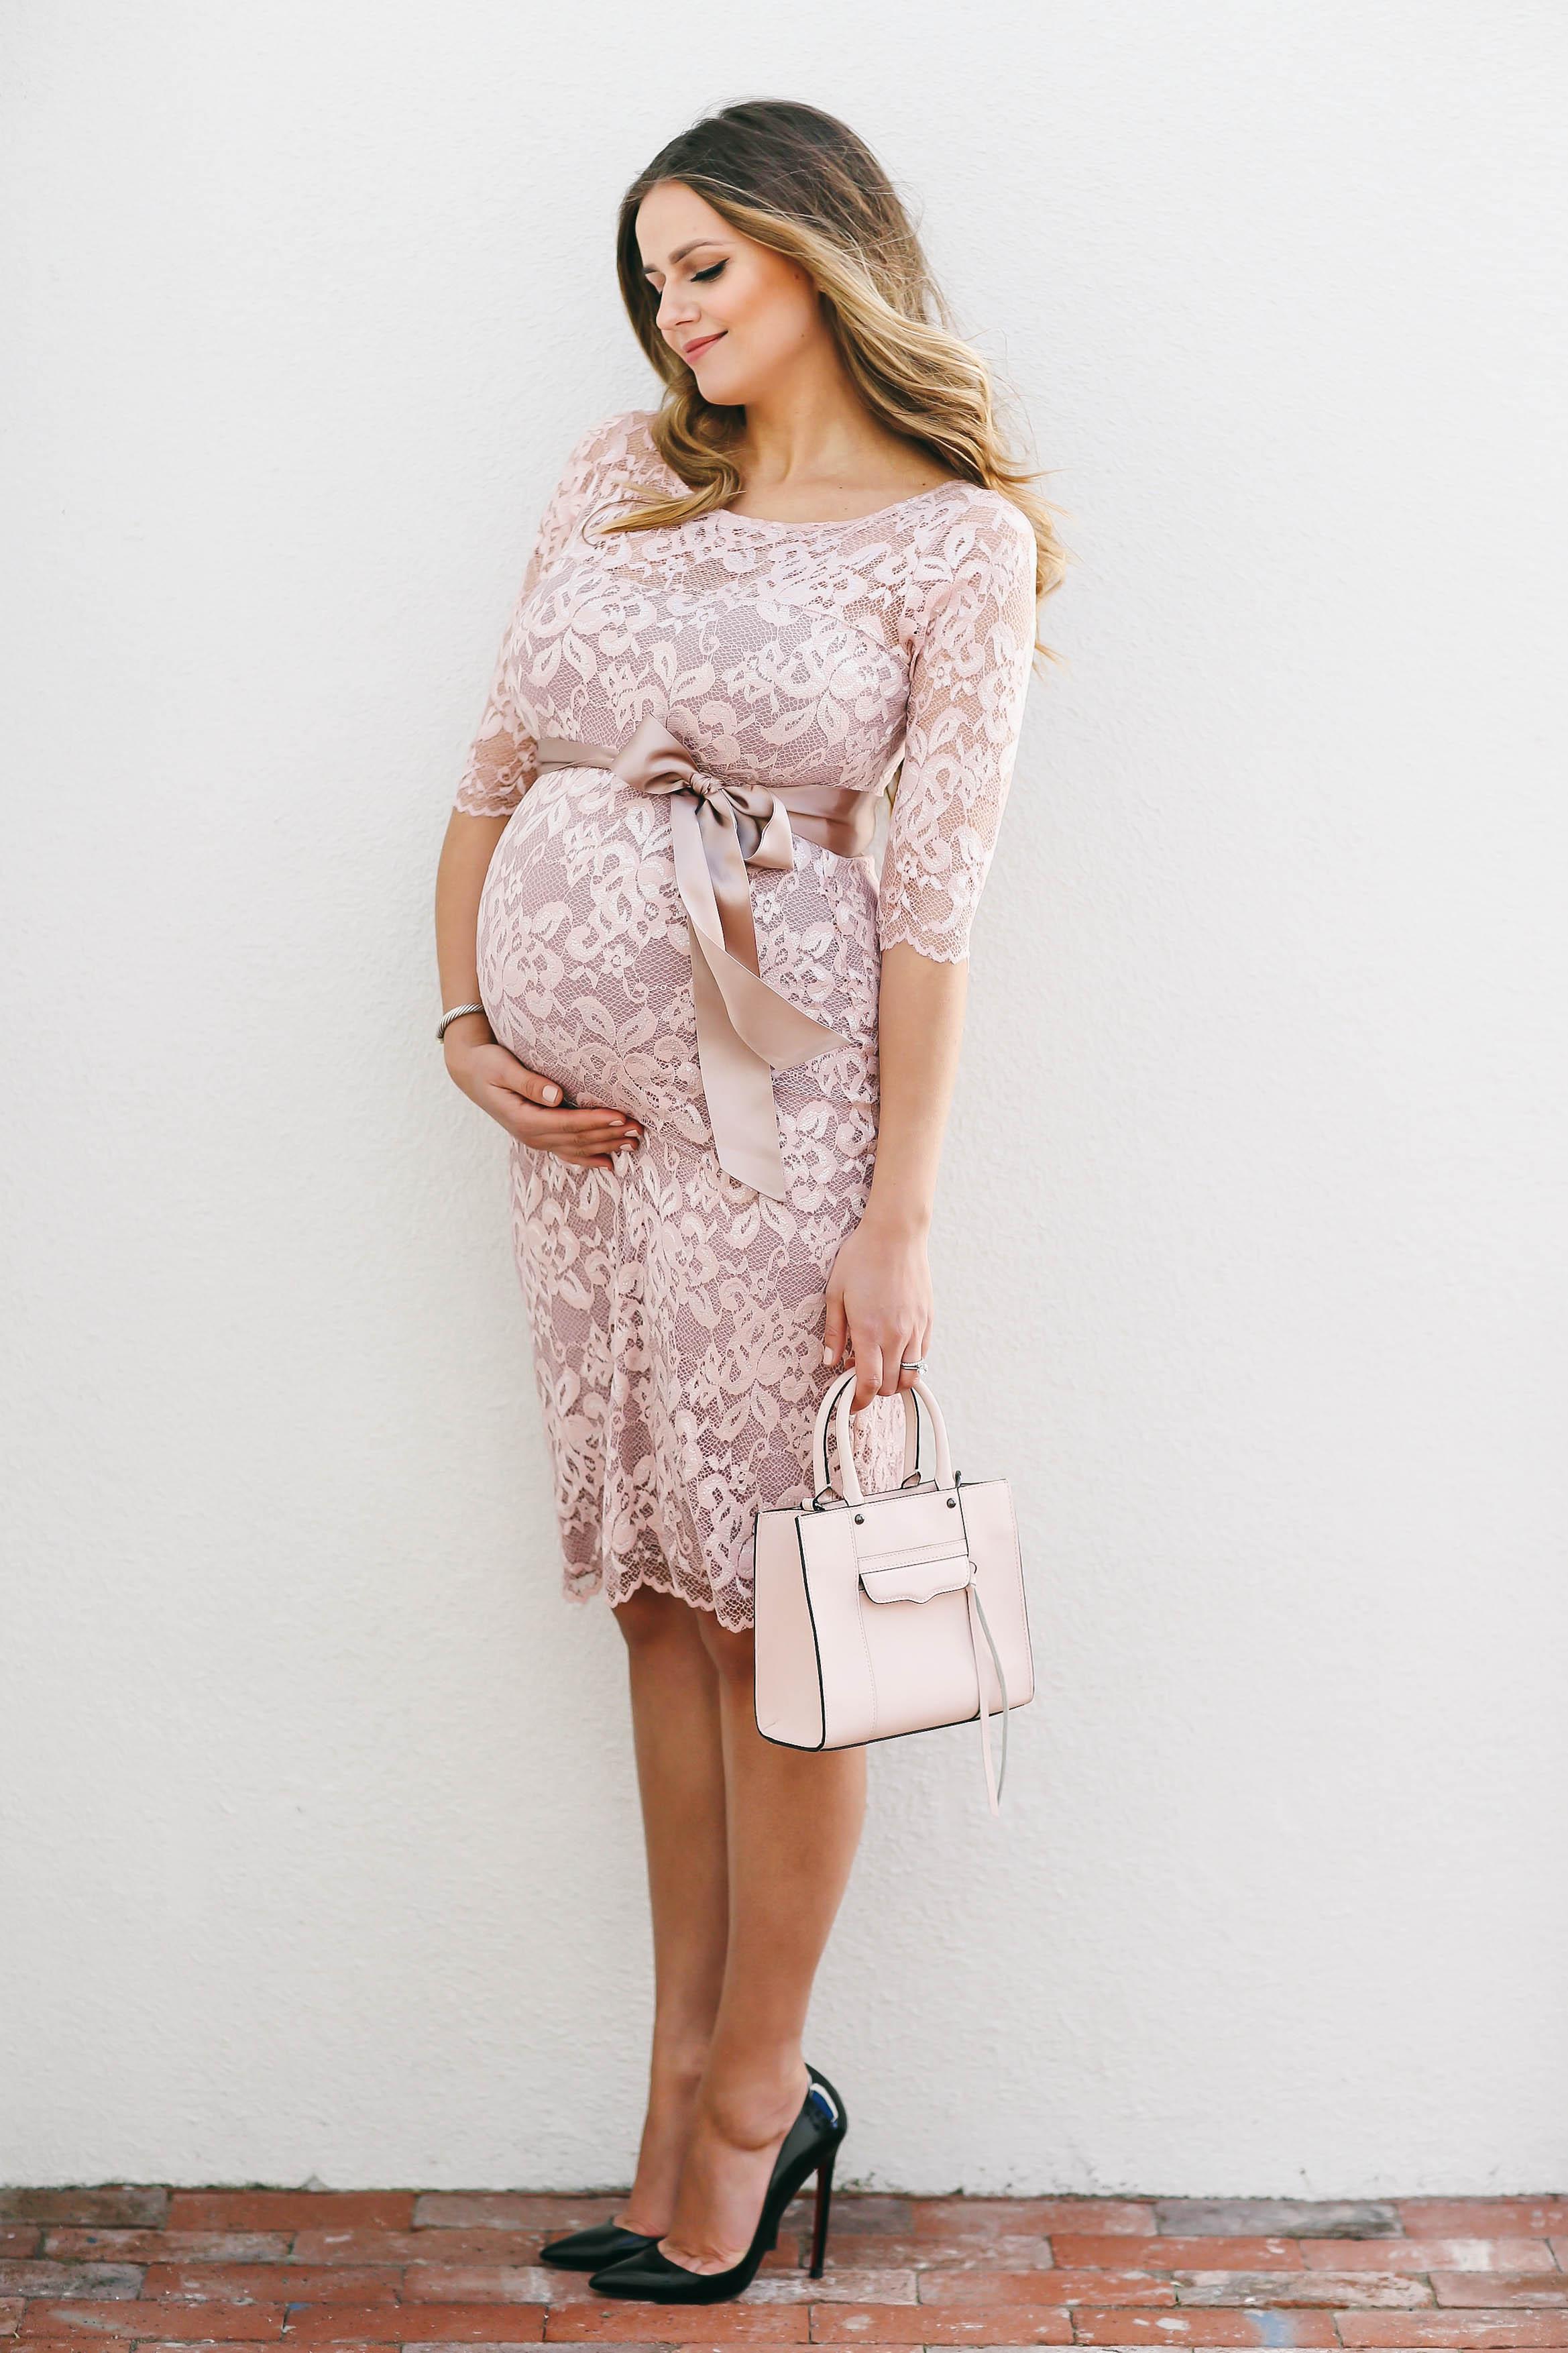 #BumpStyle // Blush Pink Lace Maternity Dress | BondGirlGlam.com